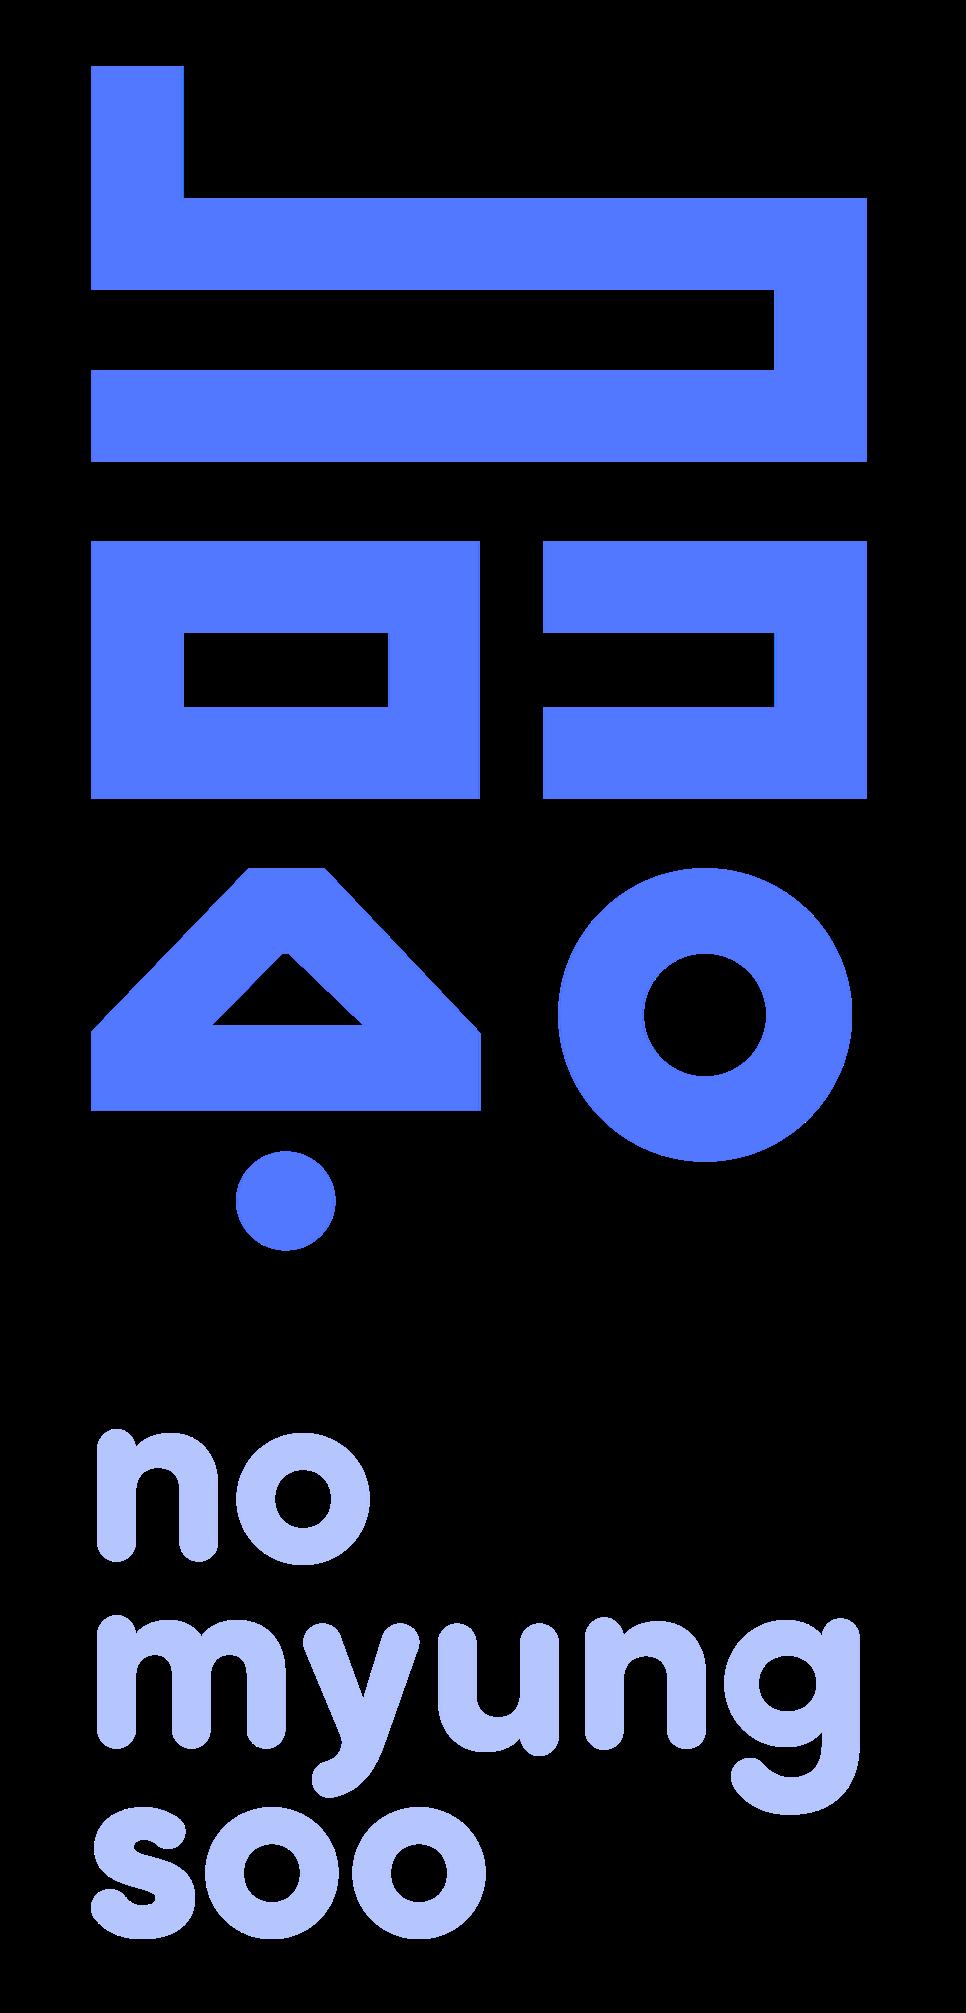 no myung soo